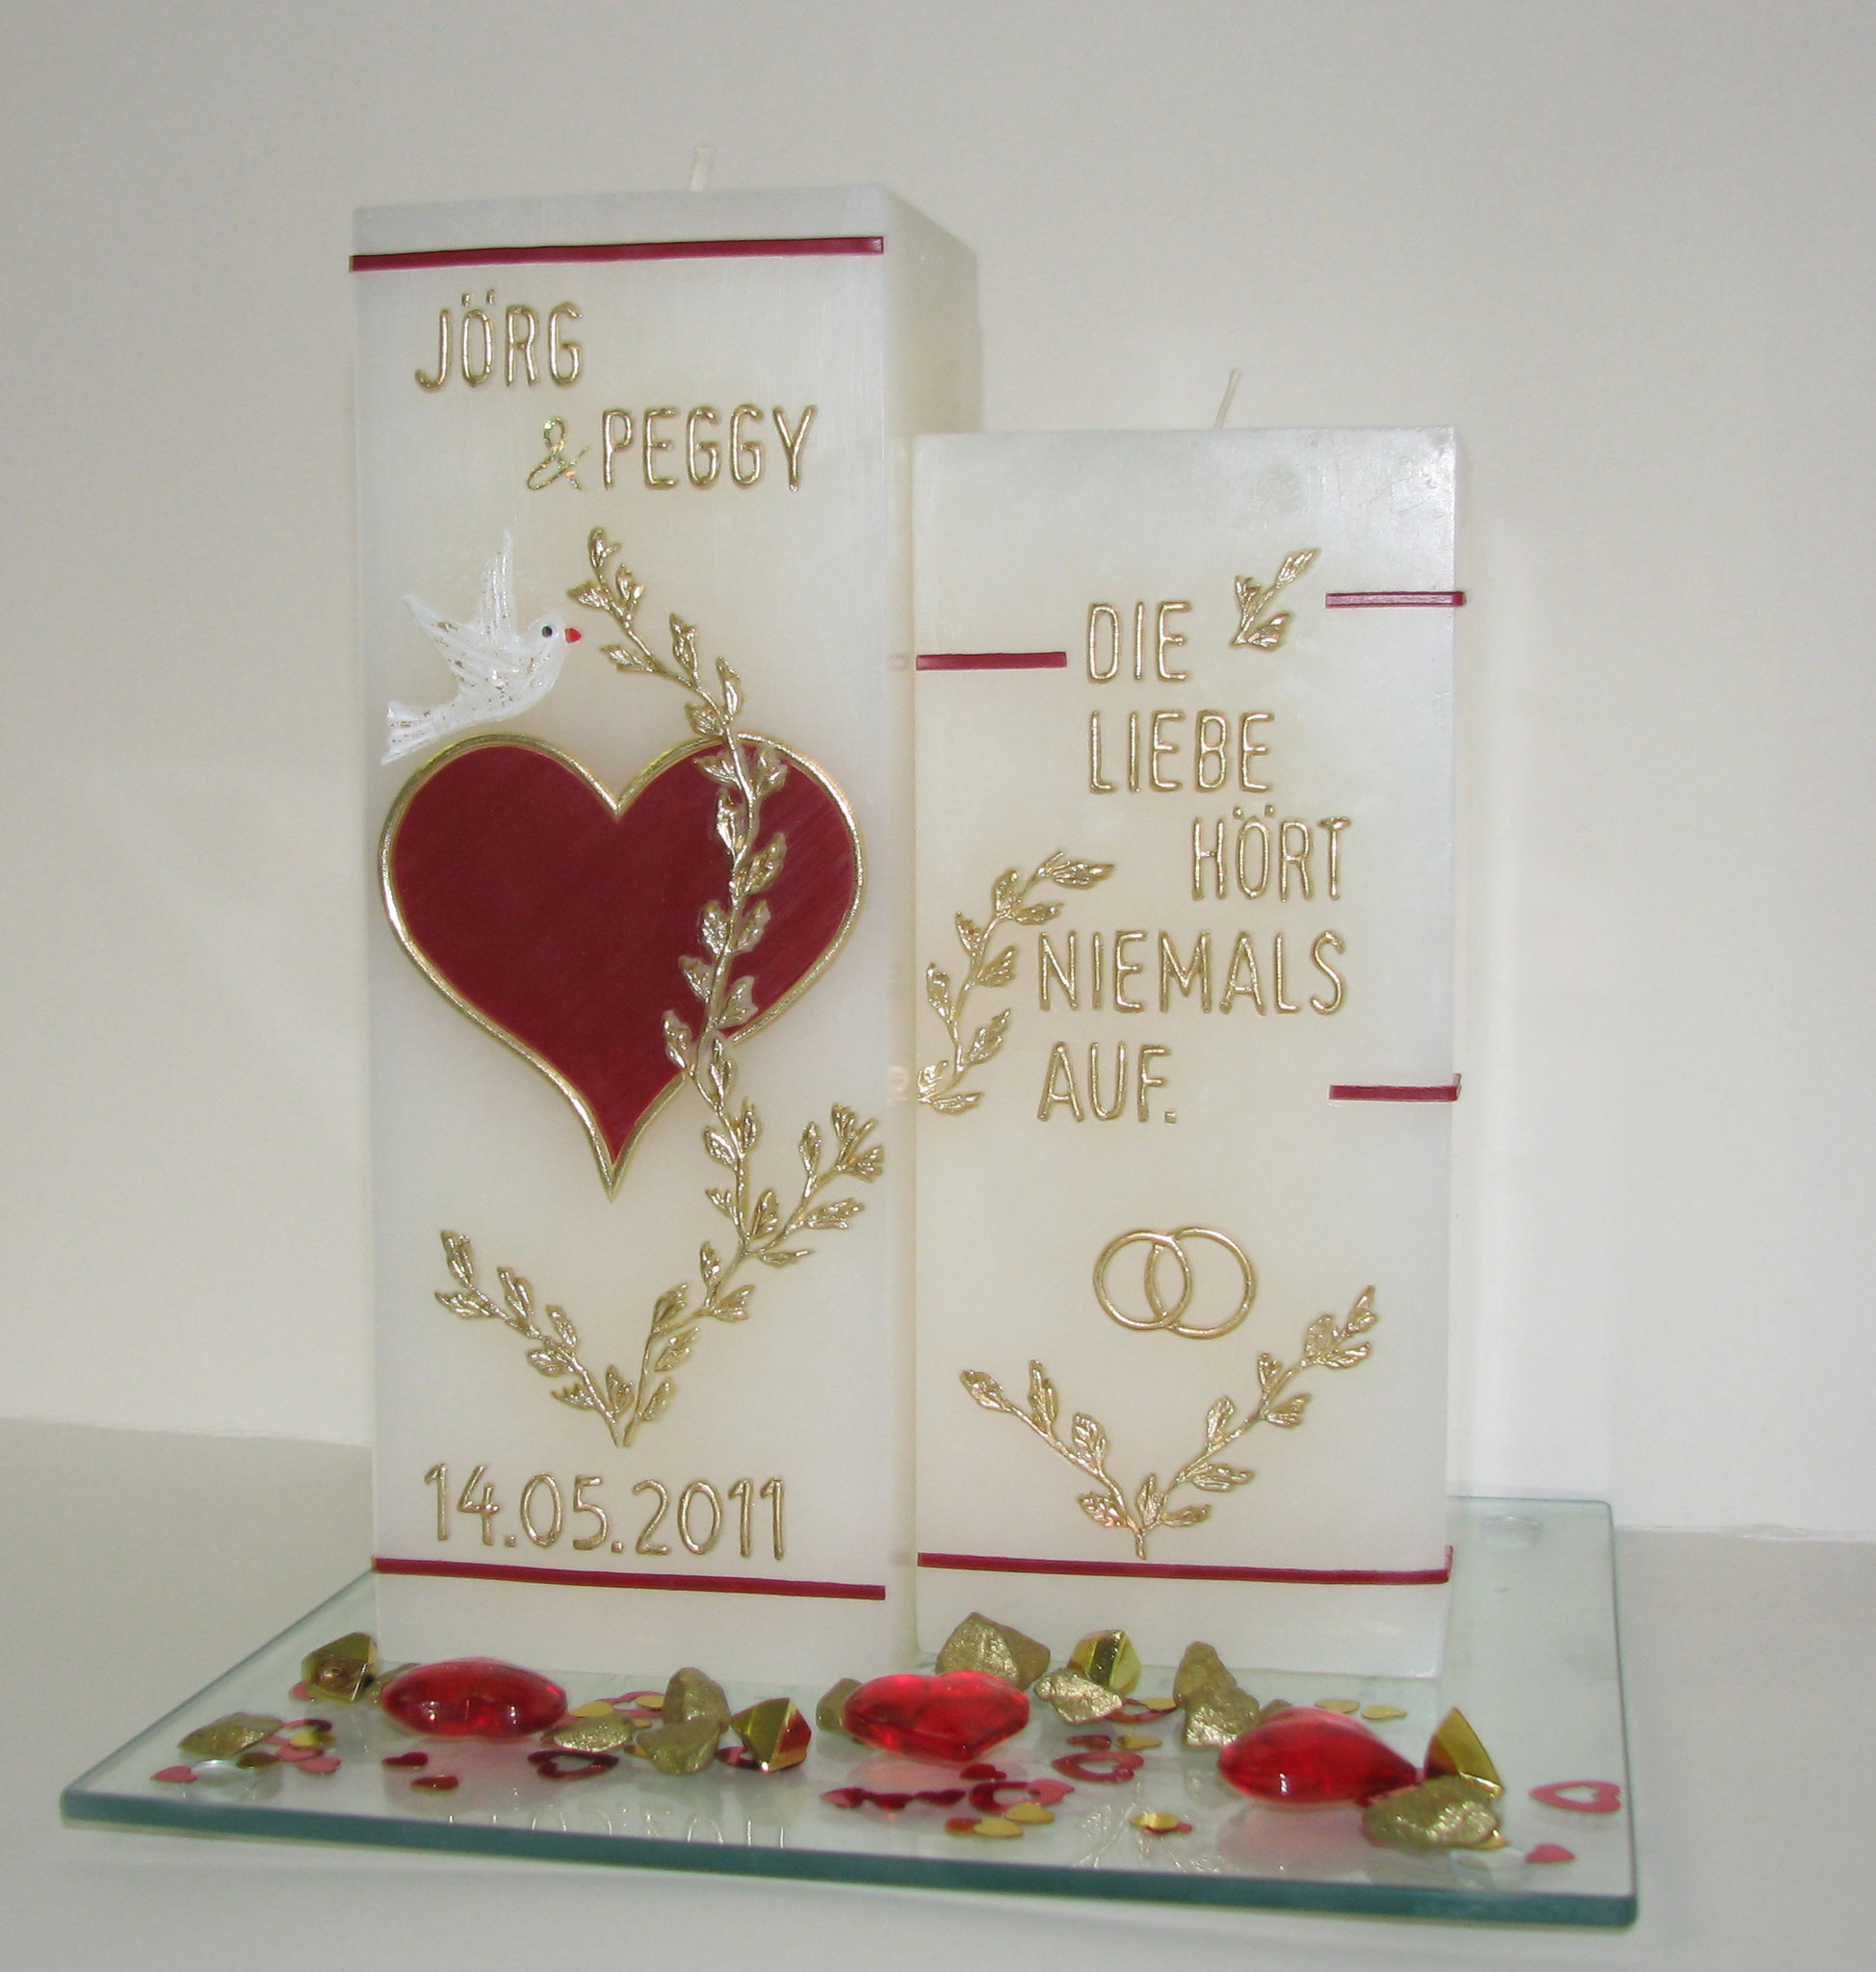 HE-0020Z, zweiteillig, HxB ca. 20 cm x 15 cm, Preis ca. € 55,--